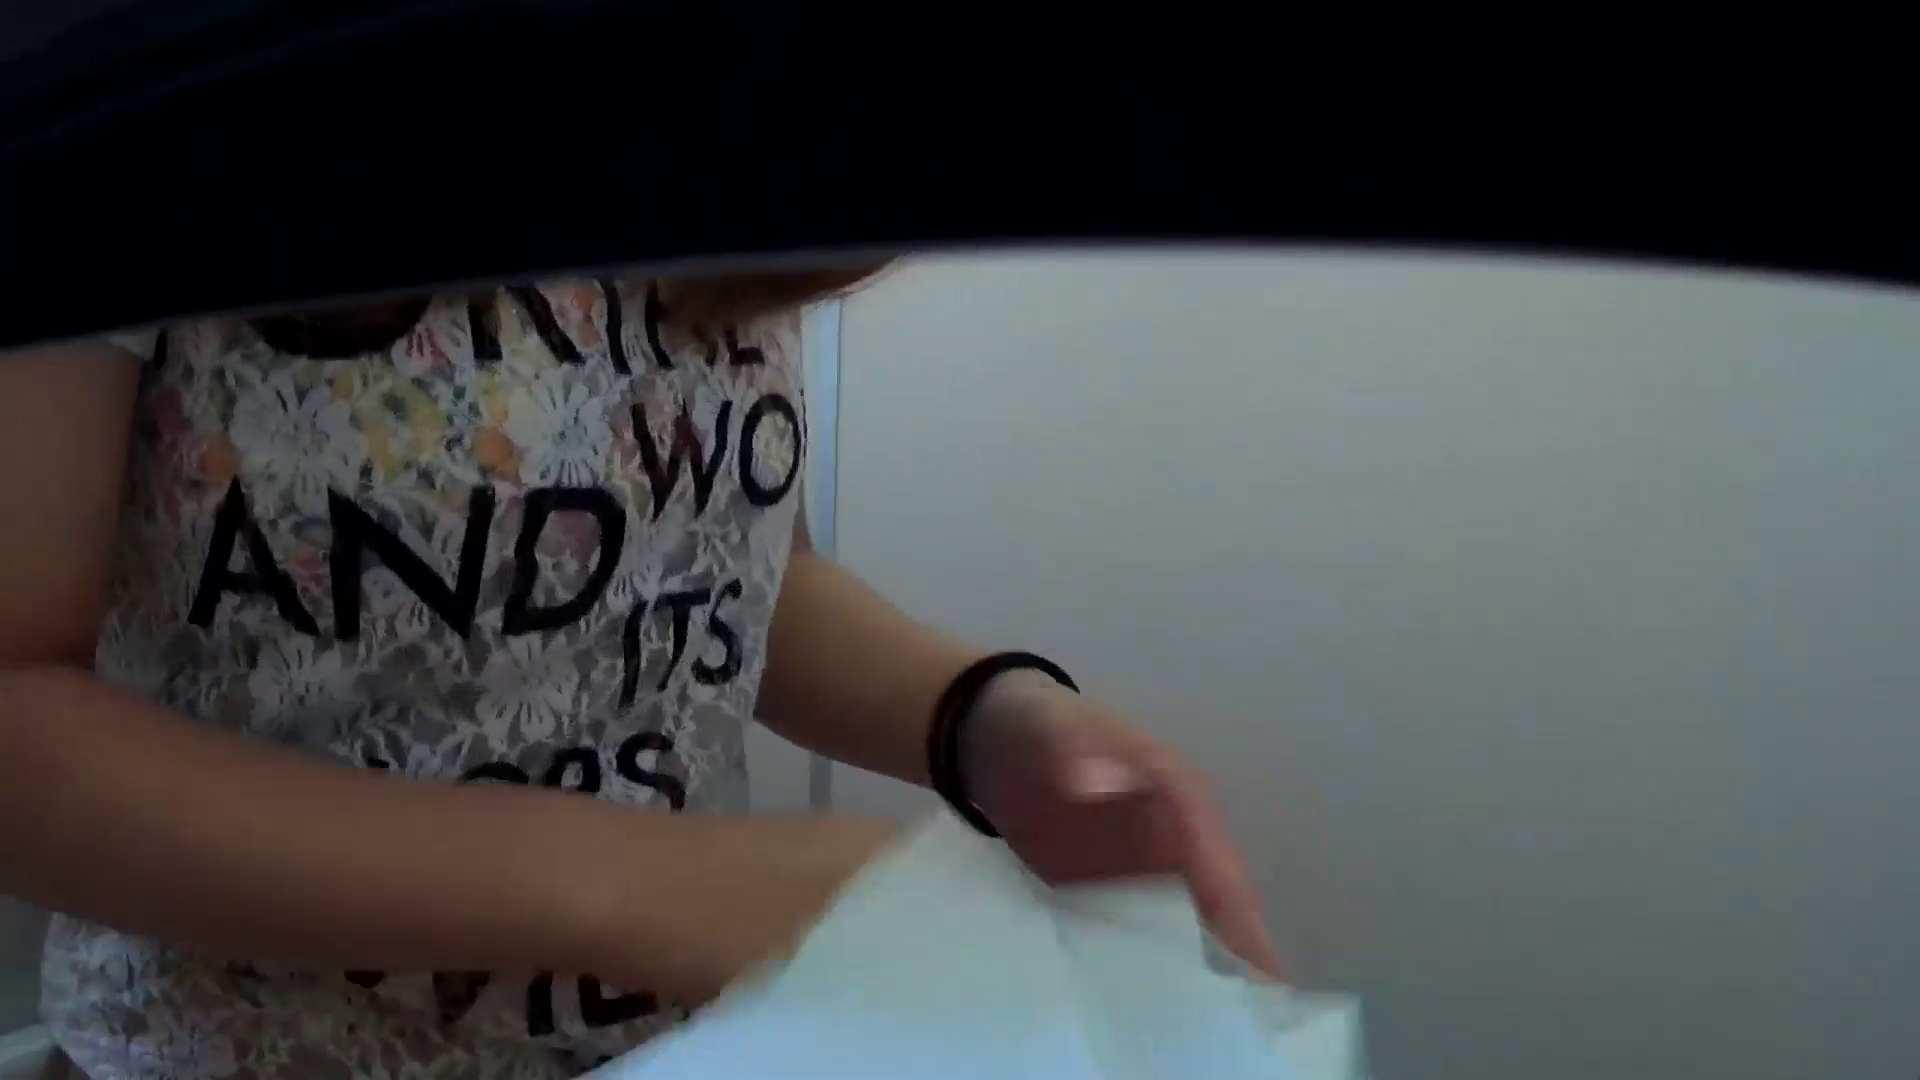 有名大学女性洗面所 vol.48 おっ、脱いじゃう感じだっ!!しかも粒ぞろい 排泄 性交動画流出 106枚 89